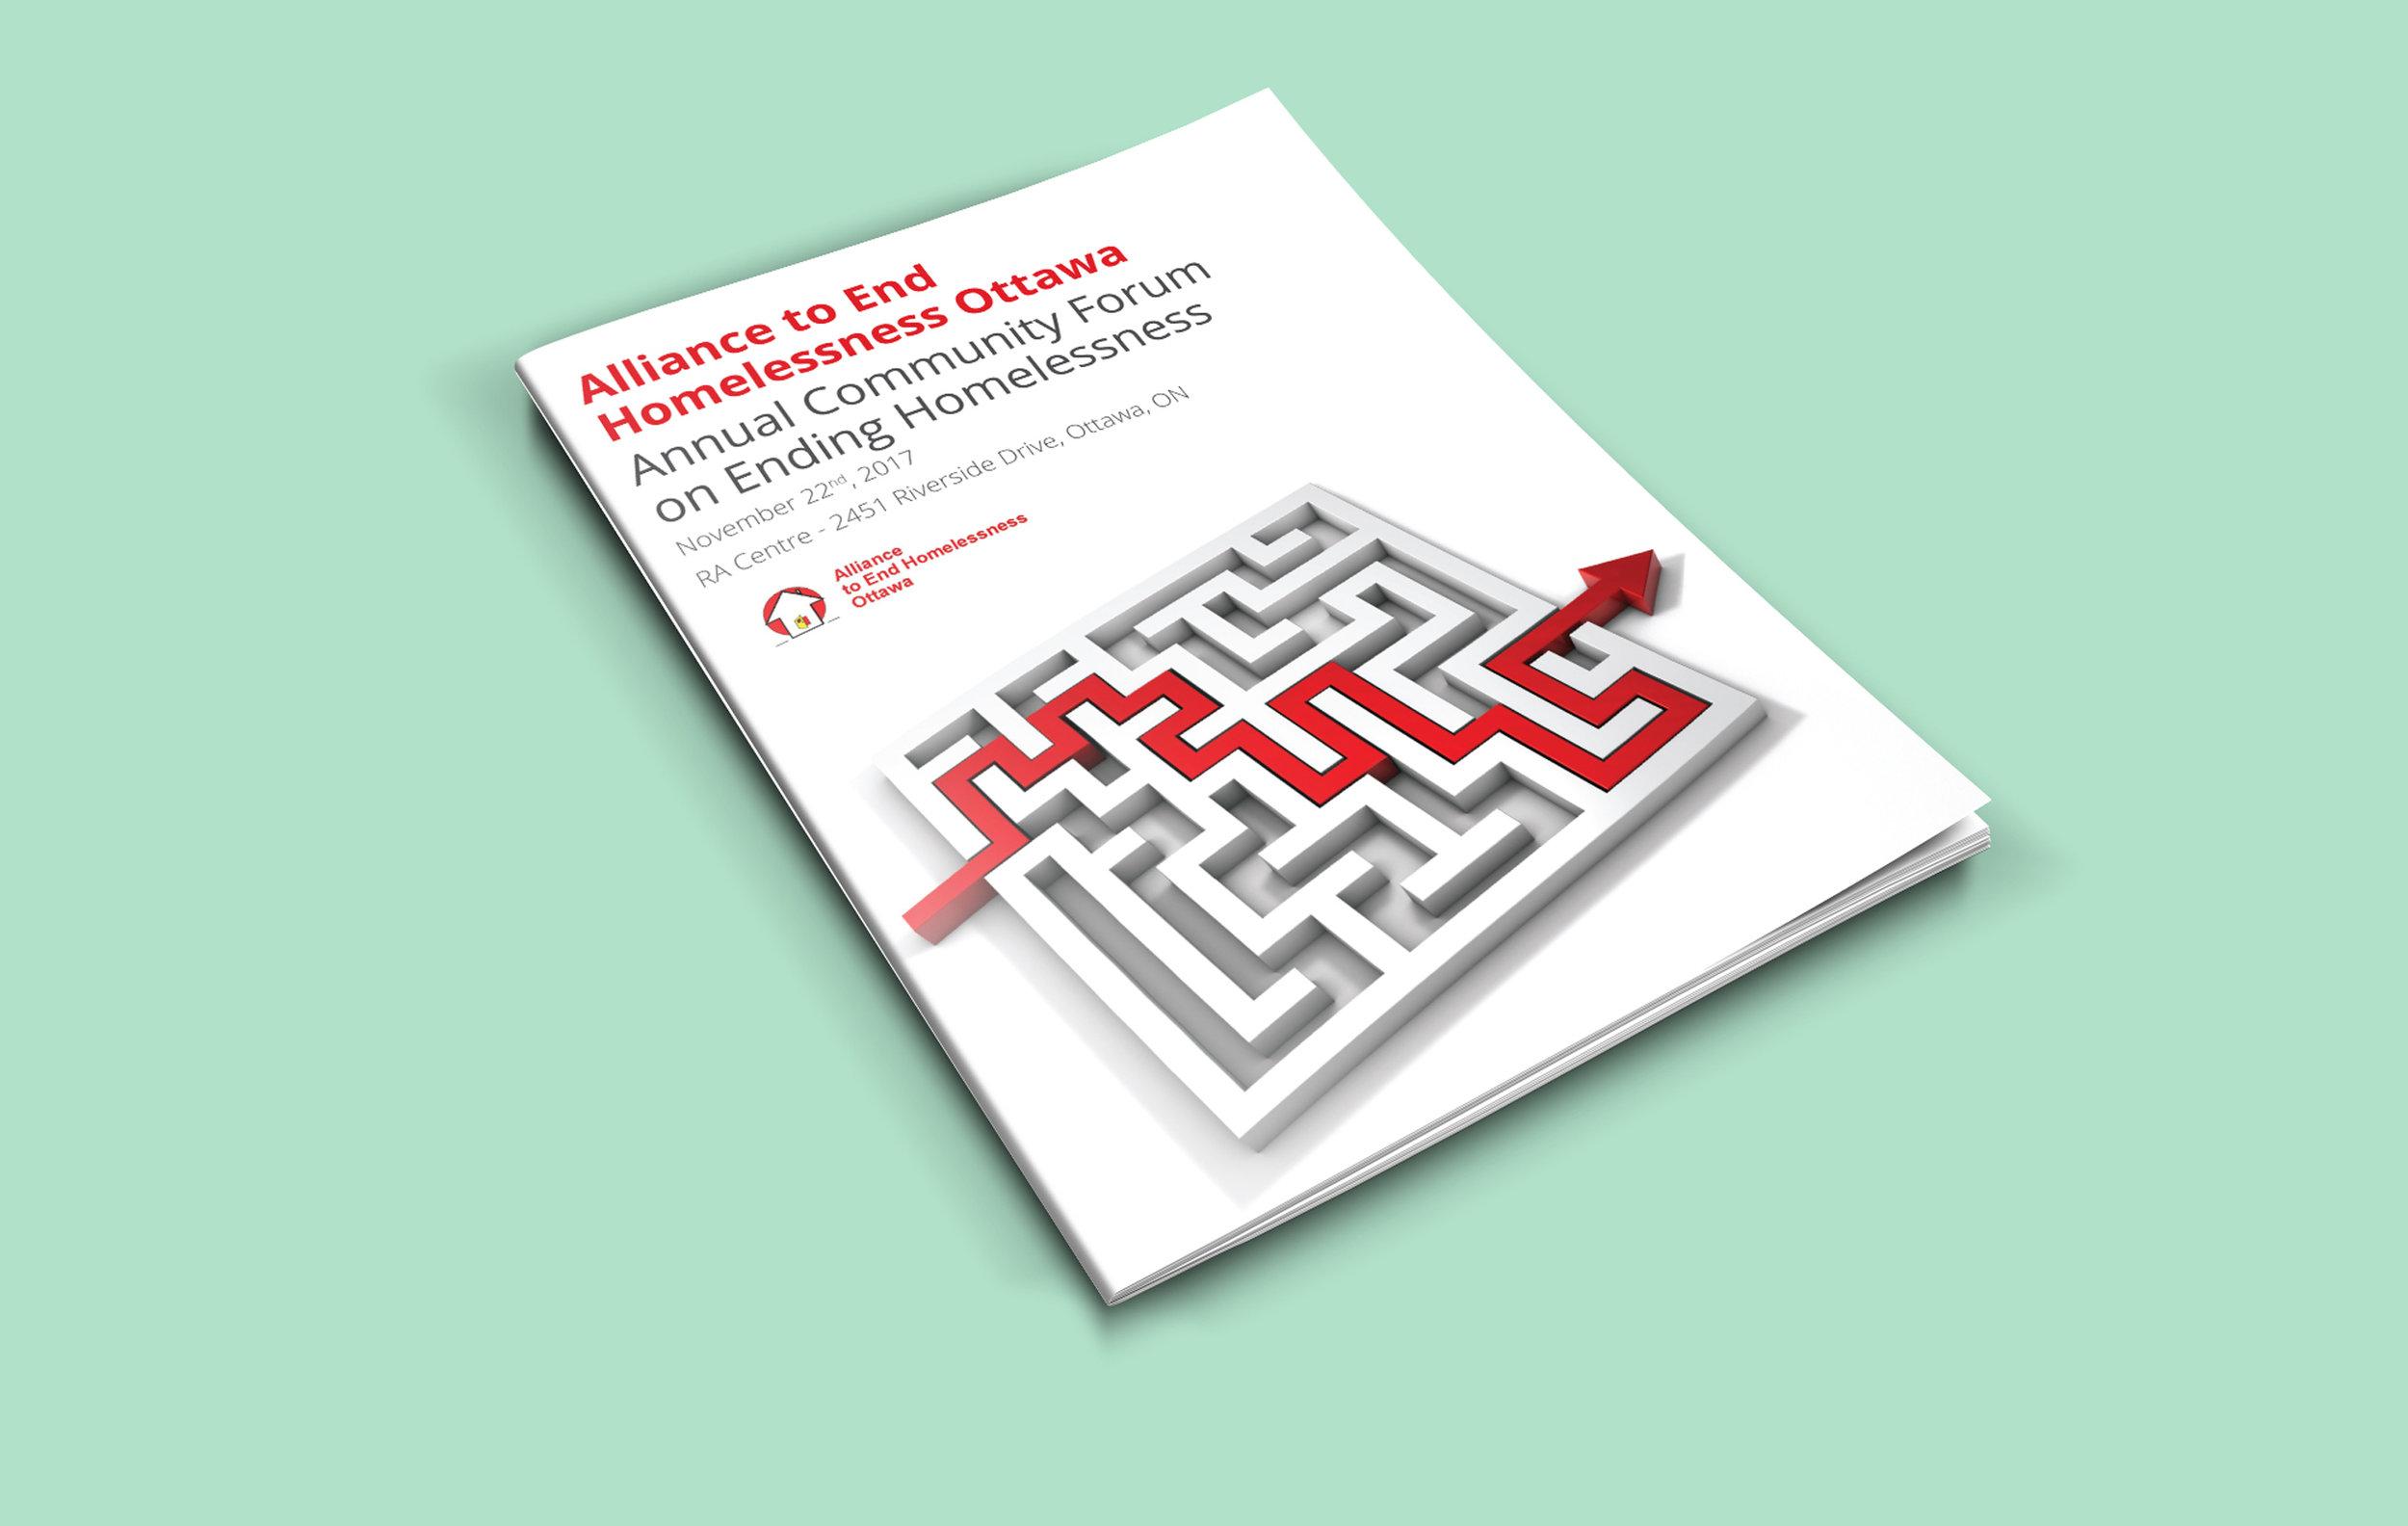 Alliance to End Homelessness Ottawa - Program Cover